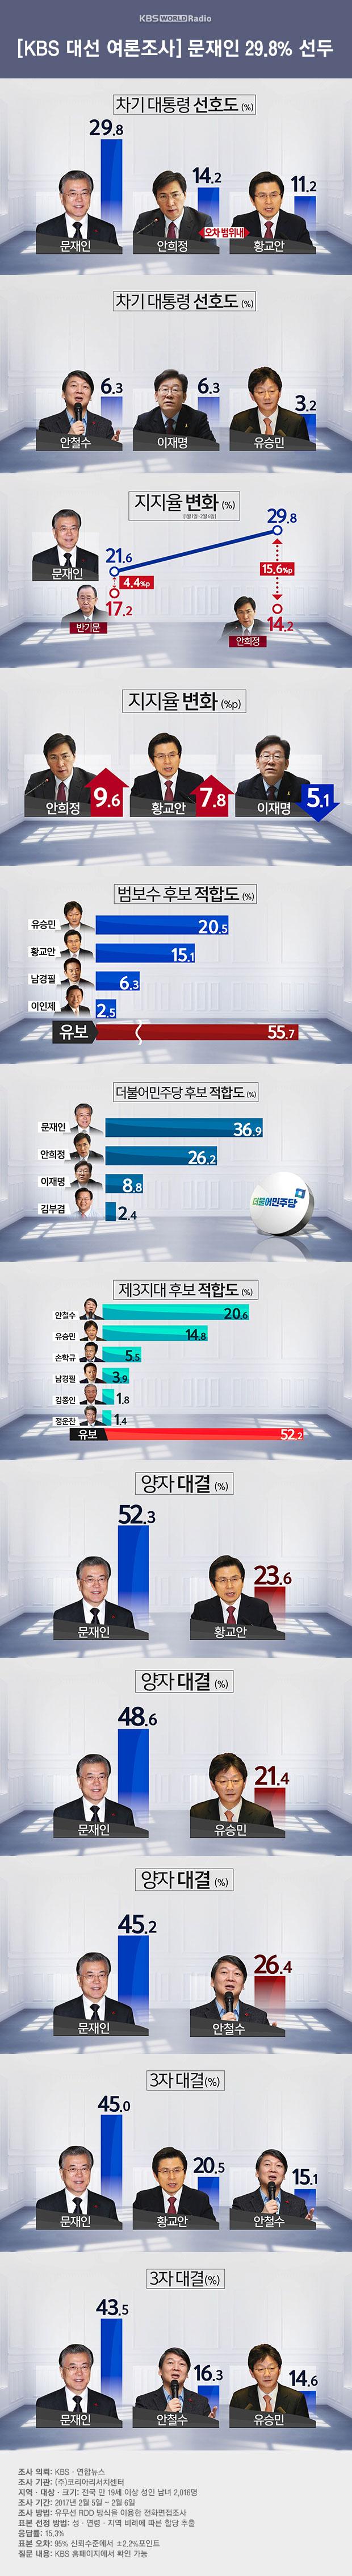 KBS 대선 여론조사